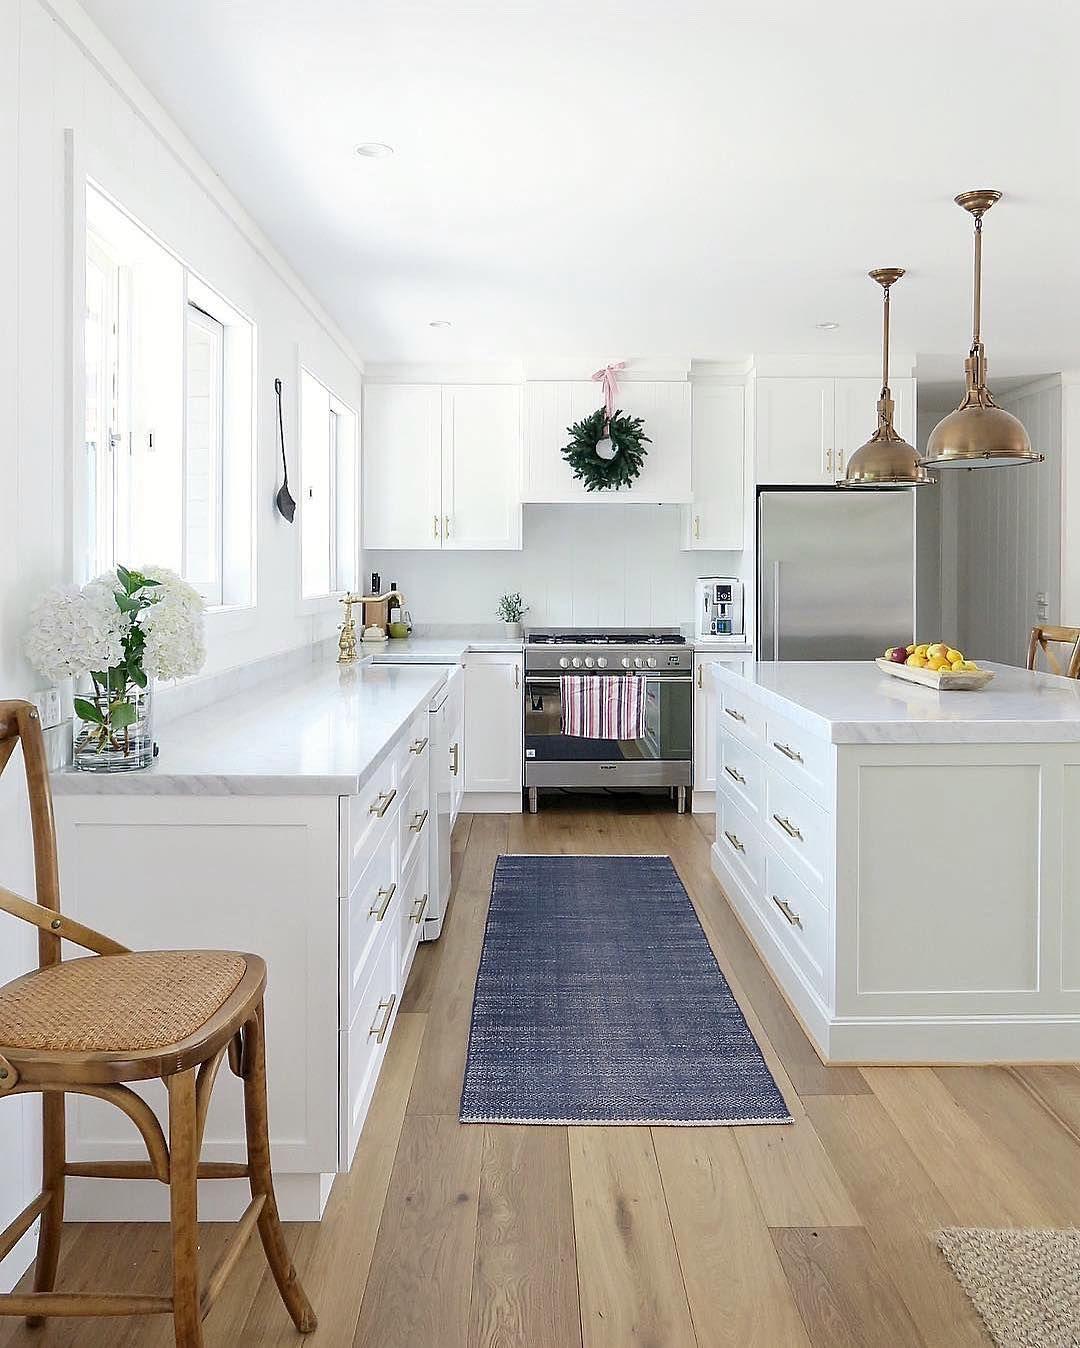 White Kitchen. | Kitchens | Pinterest | Kitchens, Design firms and ...